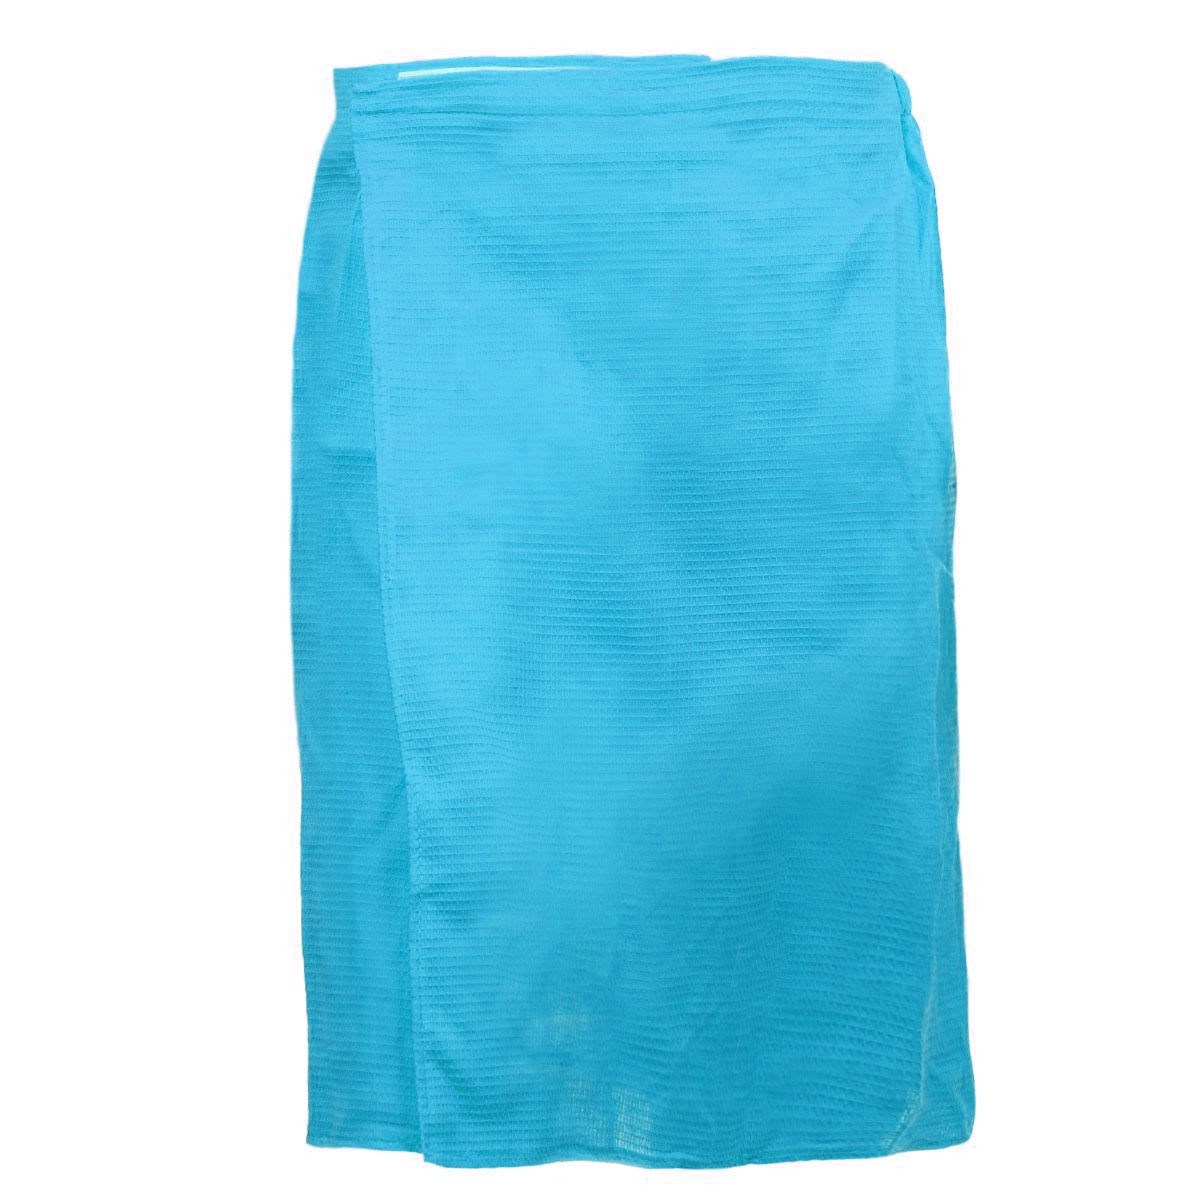 Килт для бани и сауны Банные штучки, мужской, цвет: голубой килт для бани и сауны eva мужской цвет оливковый